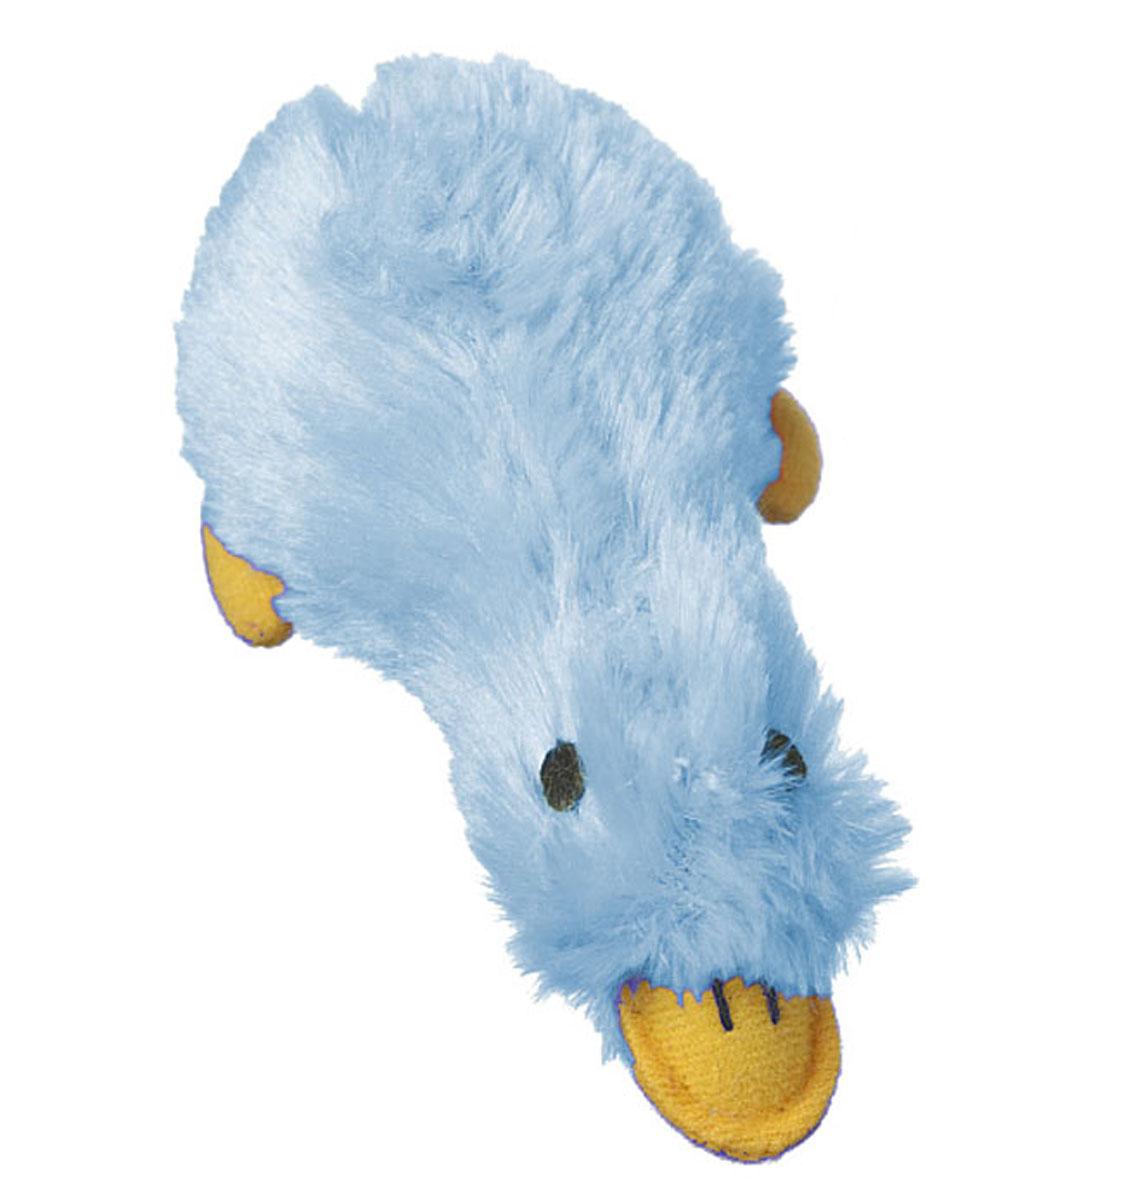 Игрушка для животных Multipet Утка, с пищалкой, цвет: голубой0120710Игрушка Multipet Утка, изготовленная из искусственного меха, предназначена для собак и кошек различных пород. Игрушка при надавливании или захвате пастью пищит. Такая игрушка порадует вашего любимца, а вам доставит массу приятных эмоций, ведь наблюдать за игрой всегда интересно и приятно.